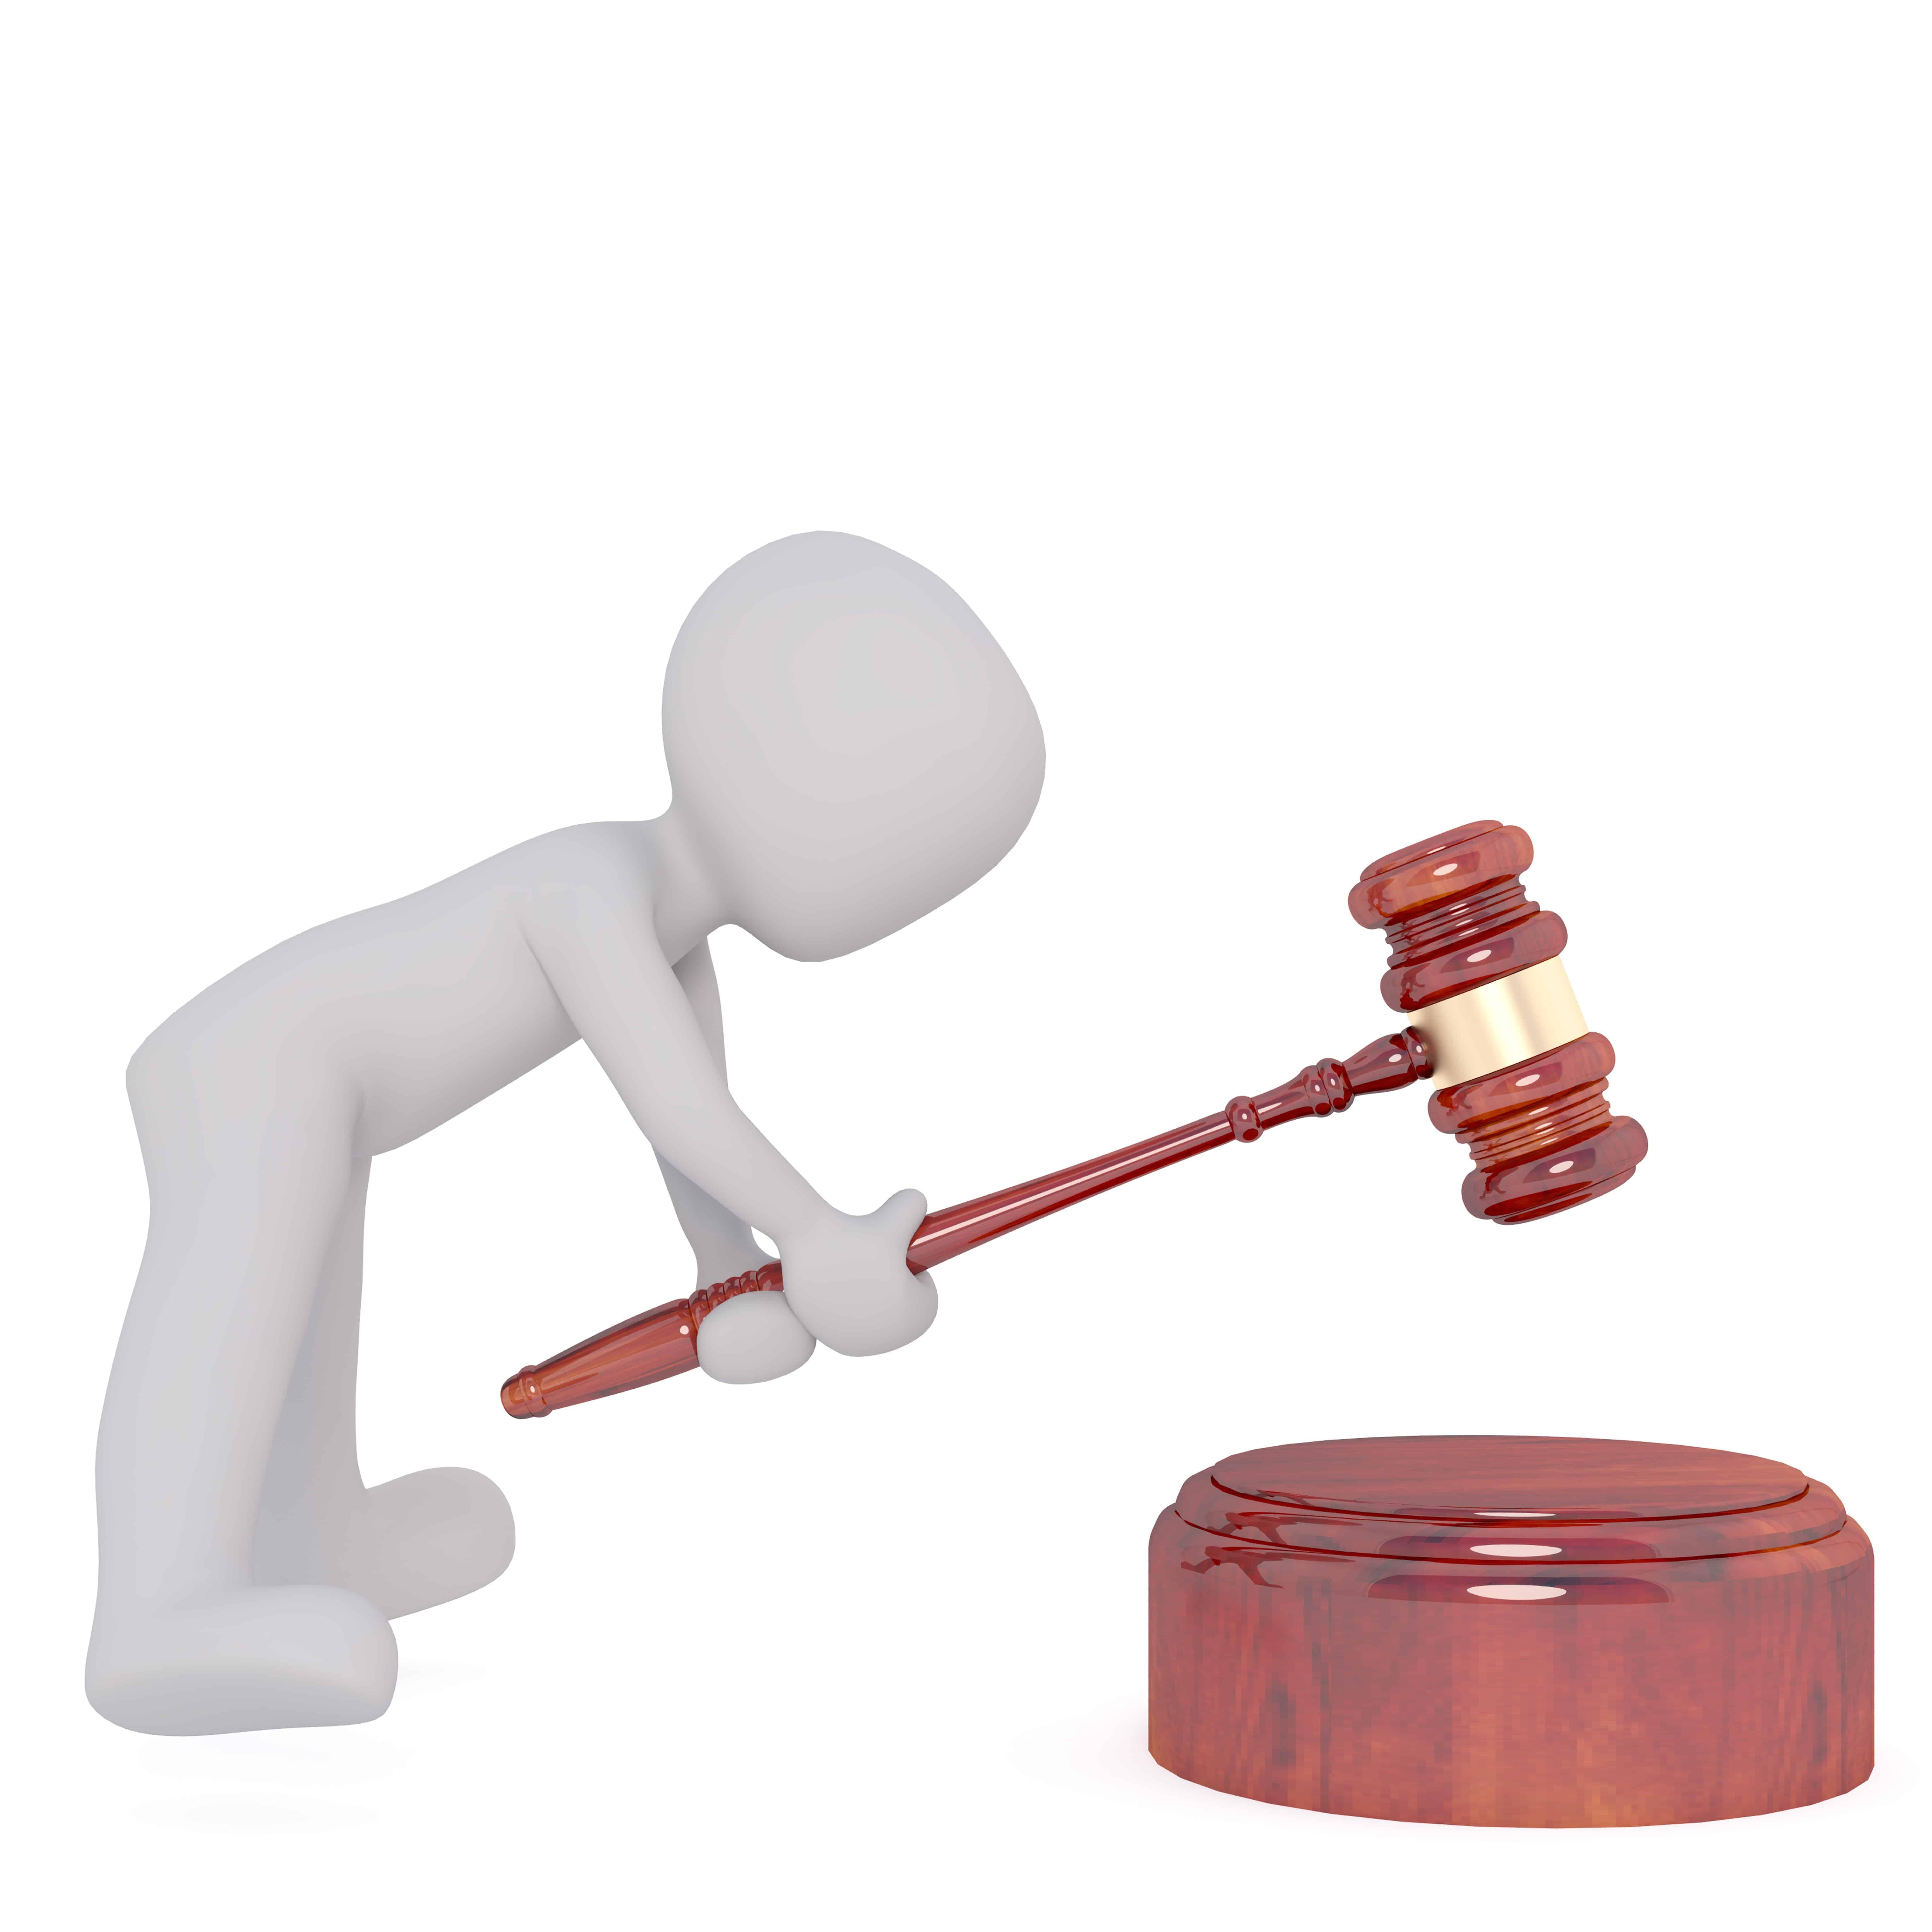 Passende Urteile zum Unterhaltrecht